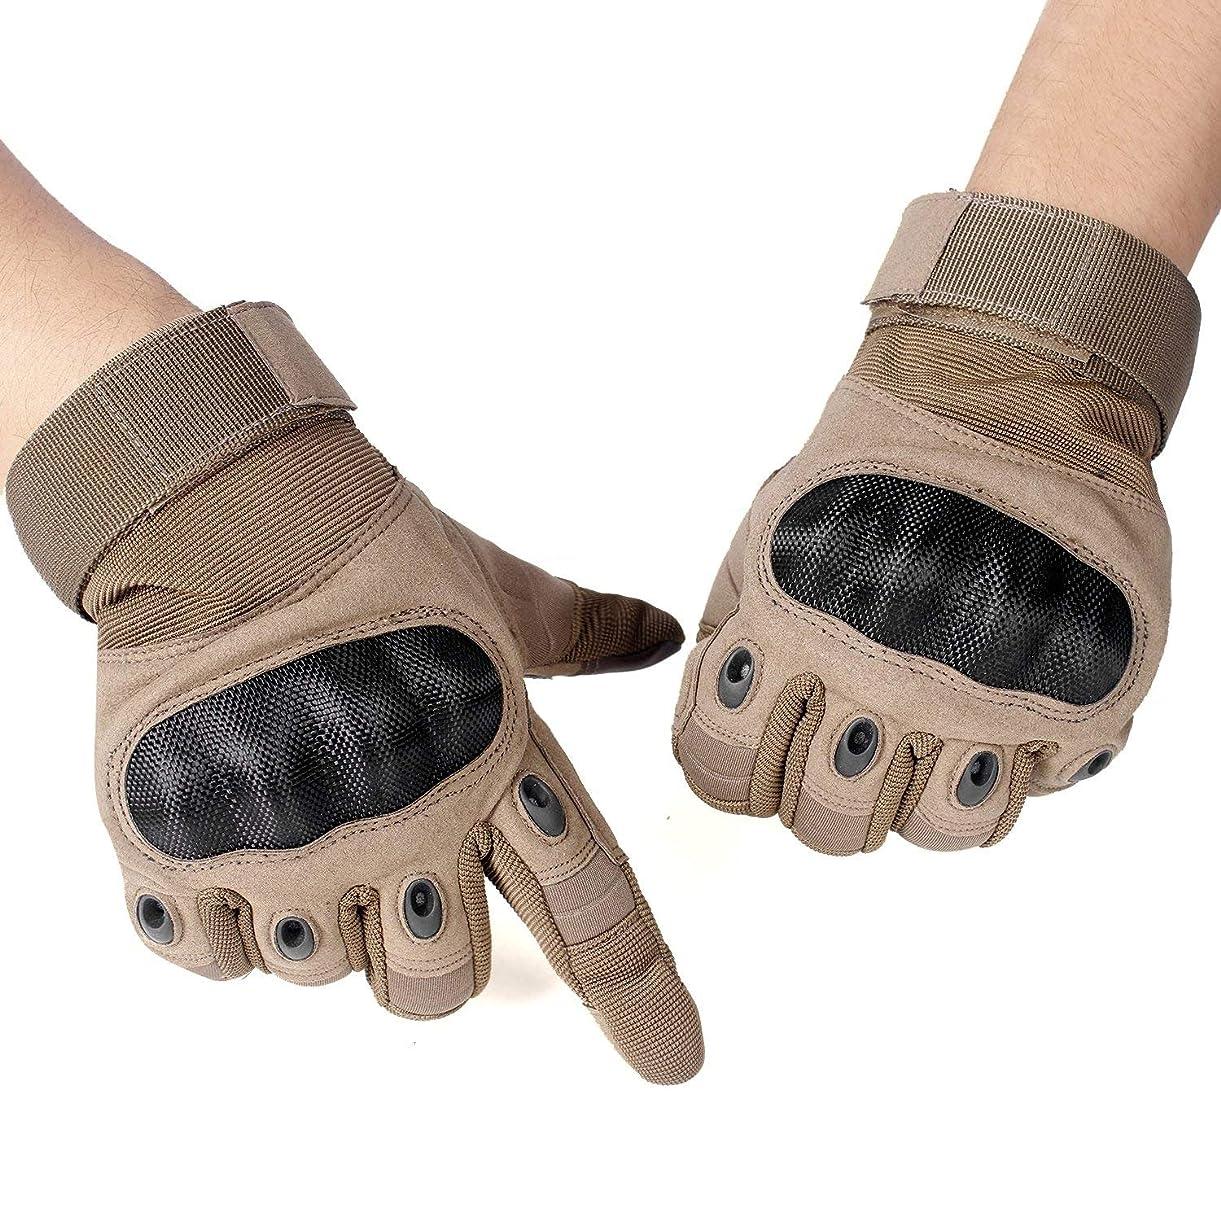 黒くする謙虚実験Unigear タクティカル グローブ サバゲー 手袋 サバイバルゲーム サイクリング 自転車 登山 スポーツ アウトドアなどに最適 タッチパネル対応 全3色 S M L(Brown M)